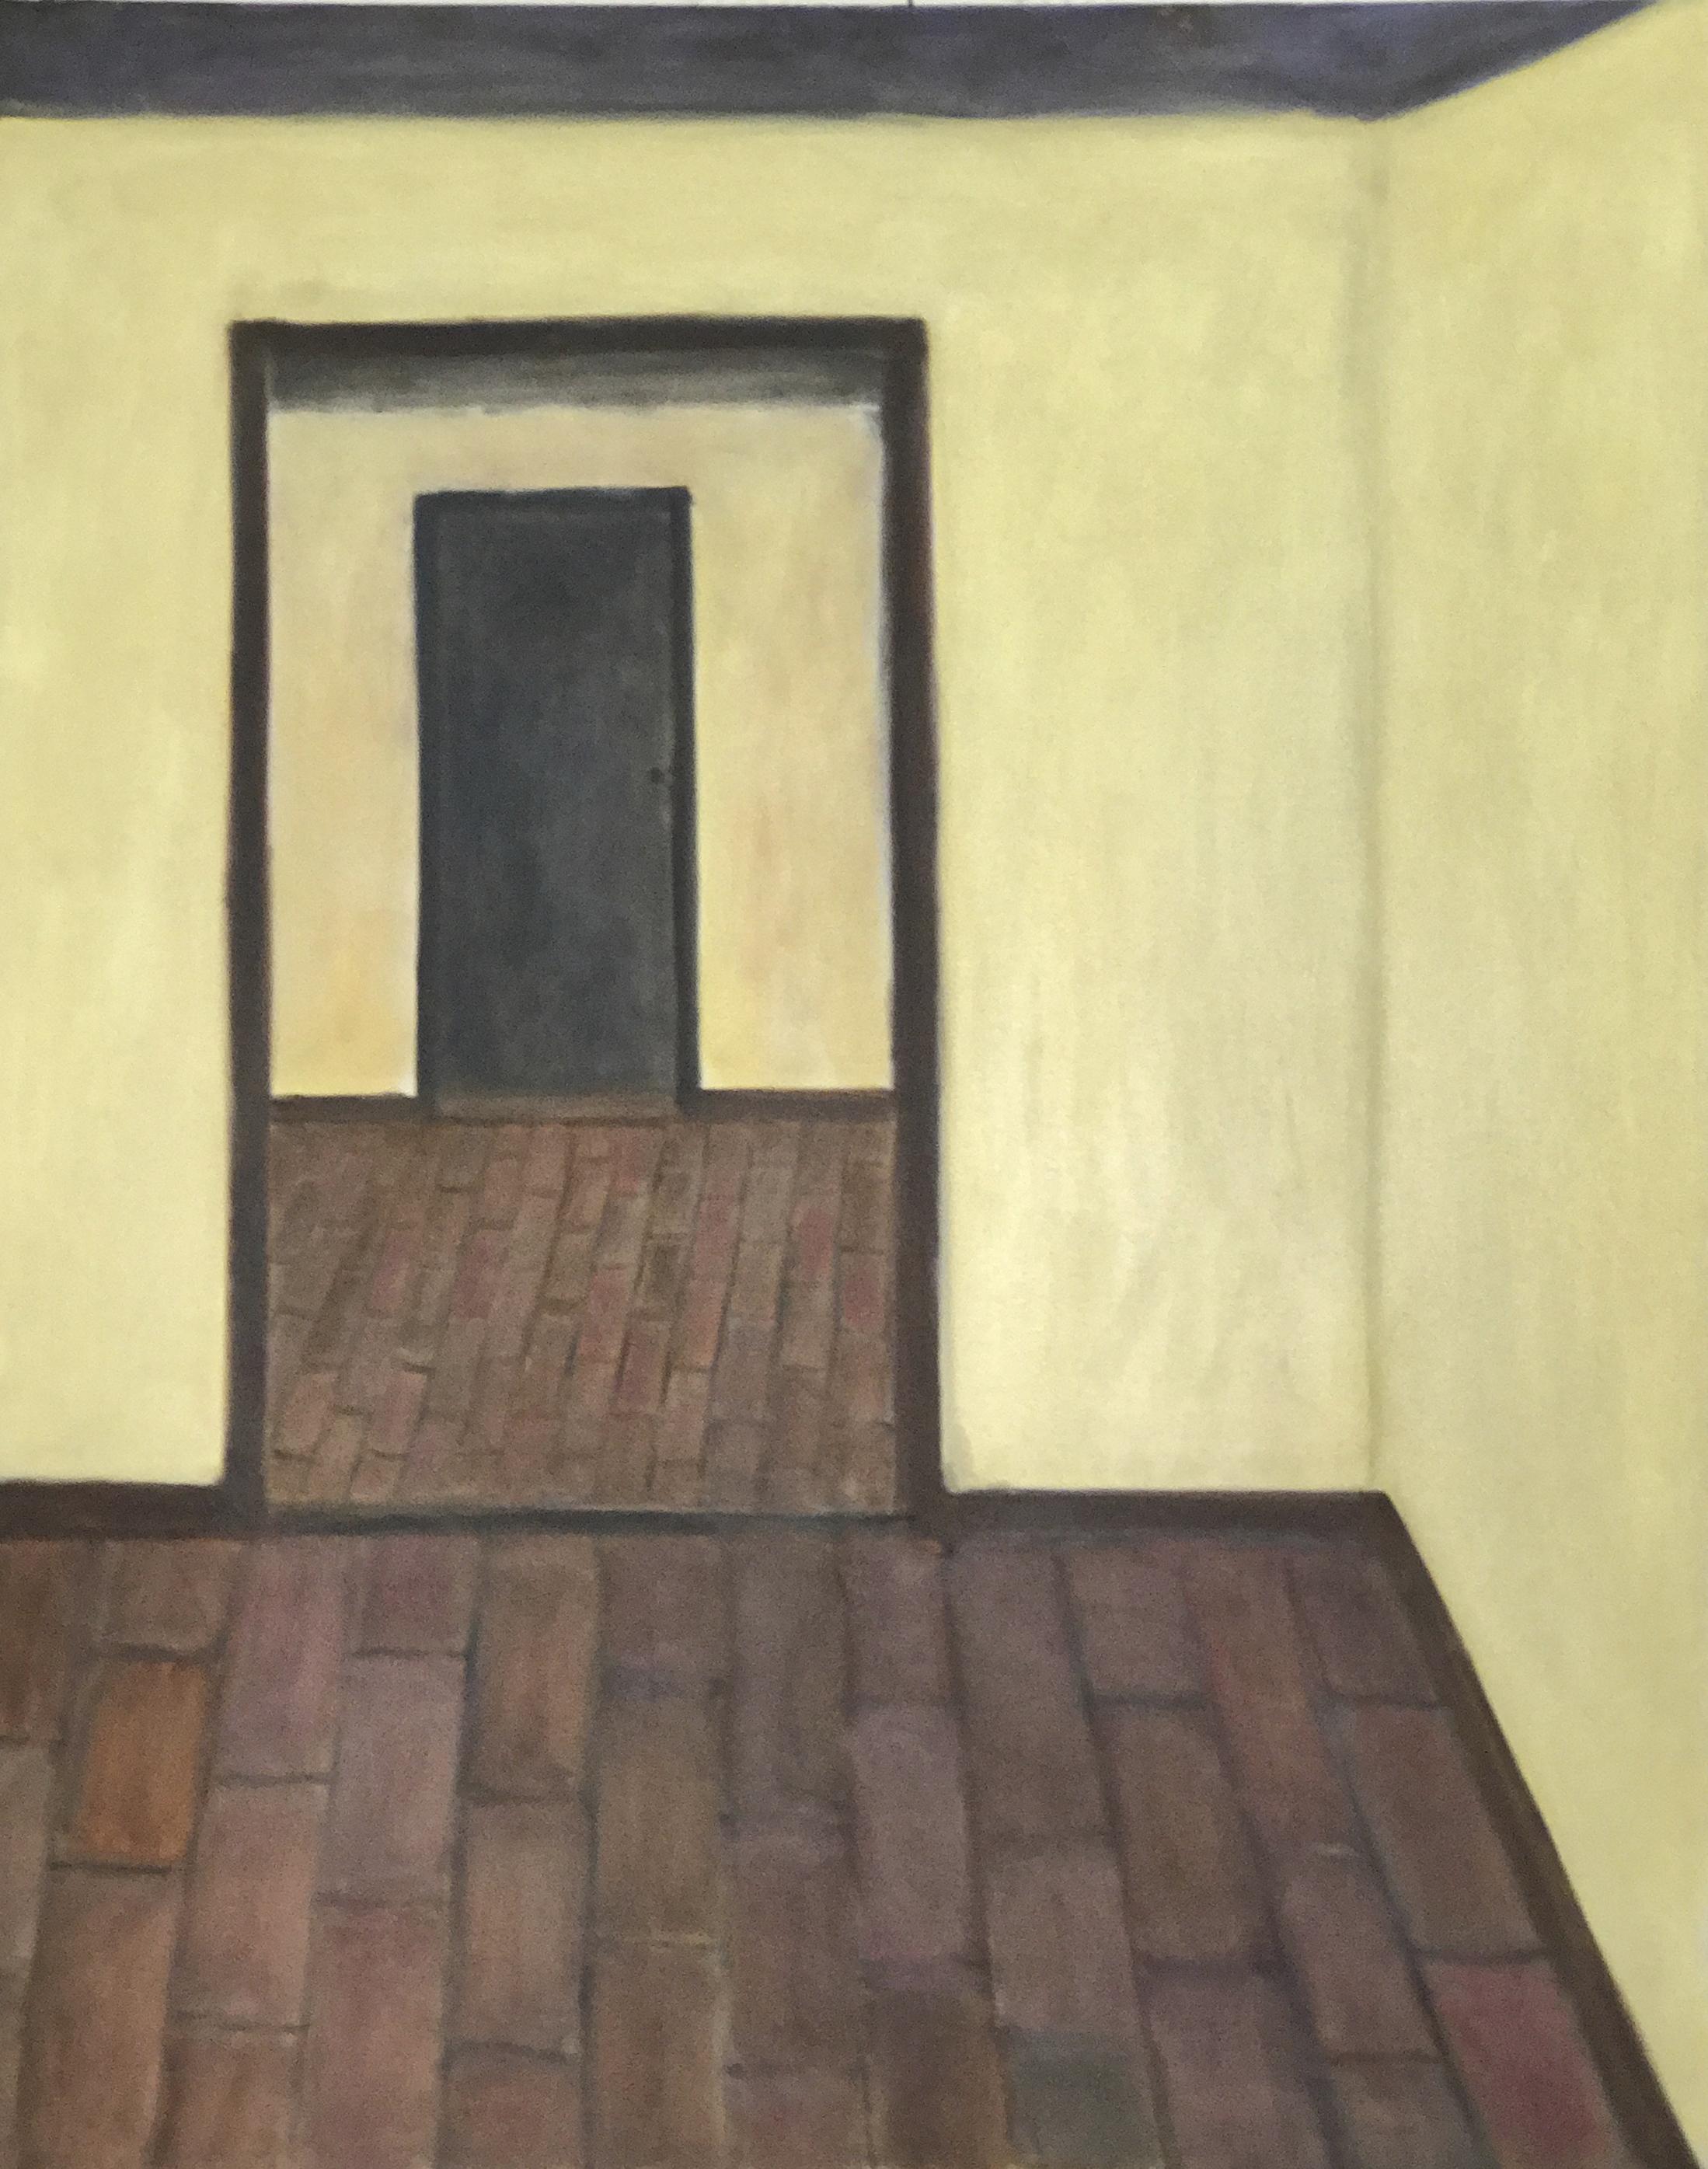 El piso de ladrillo